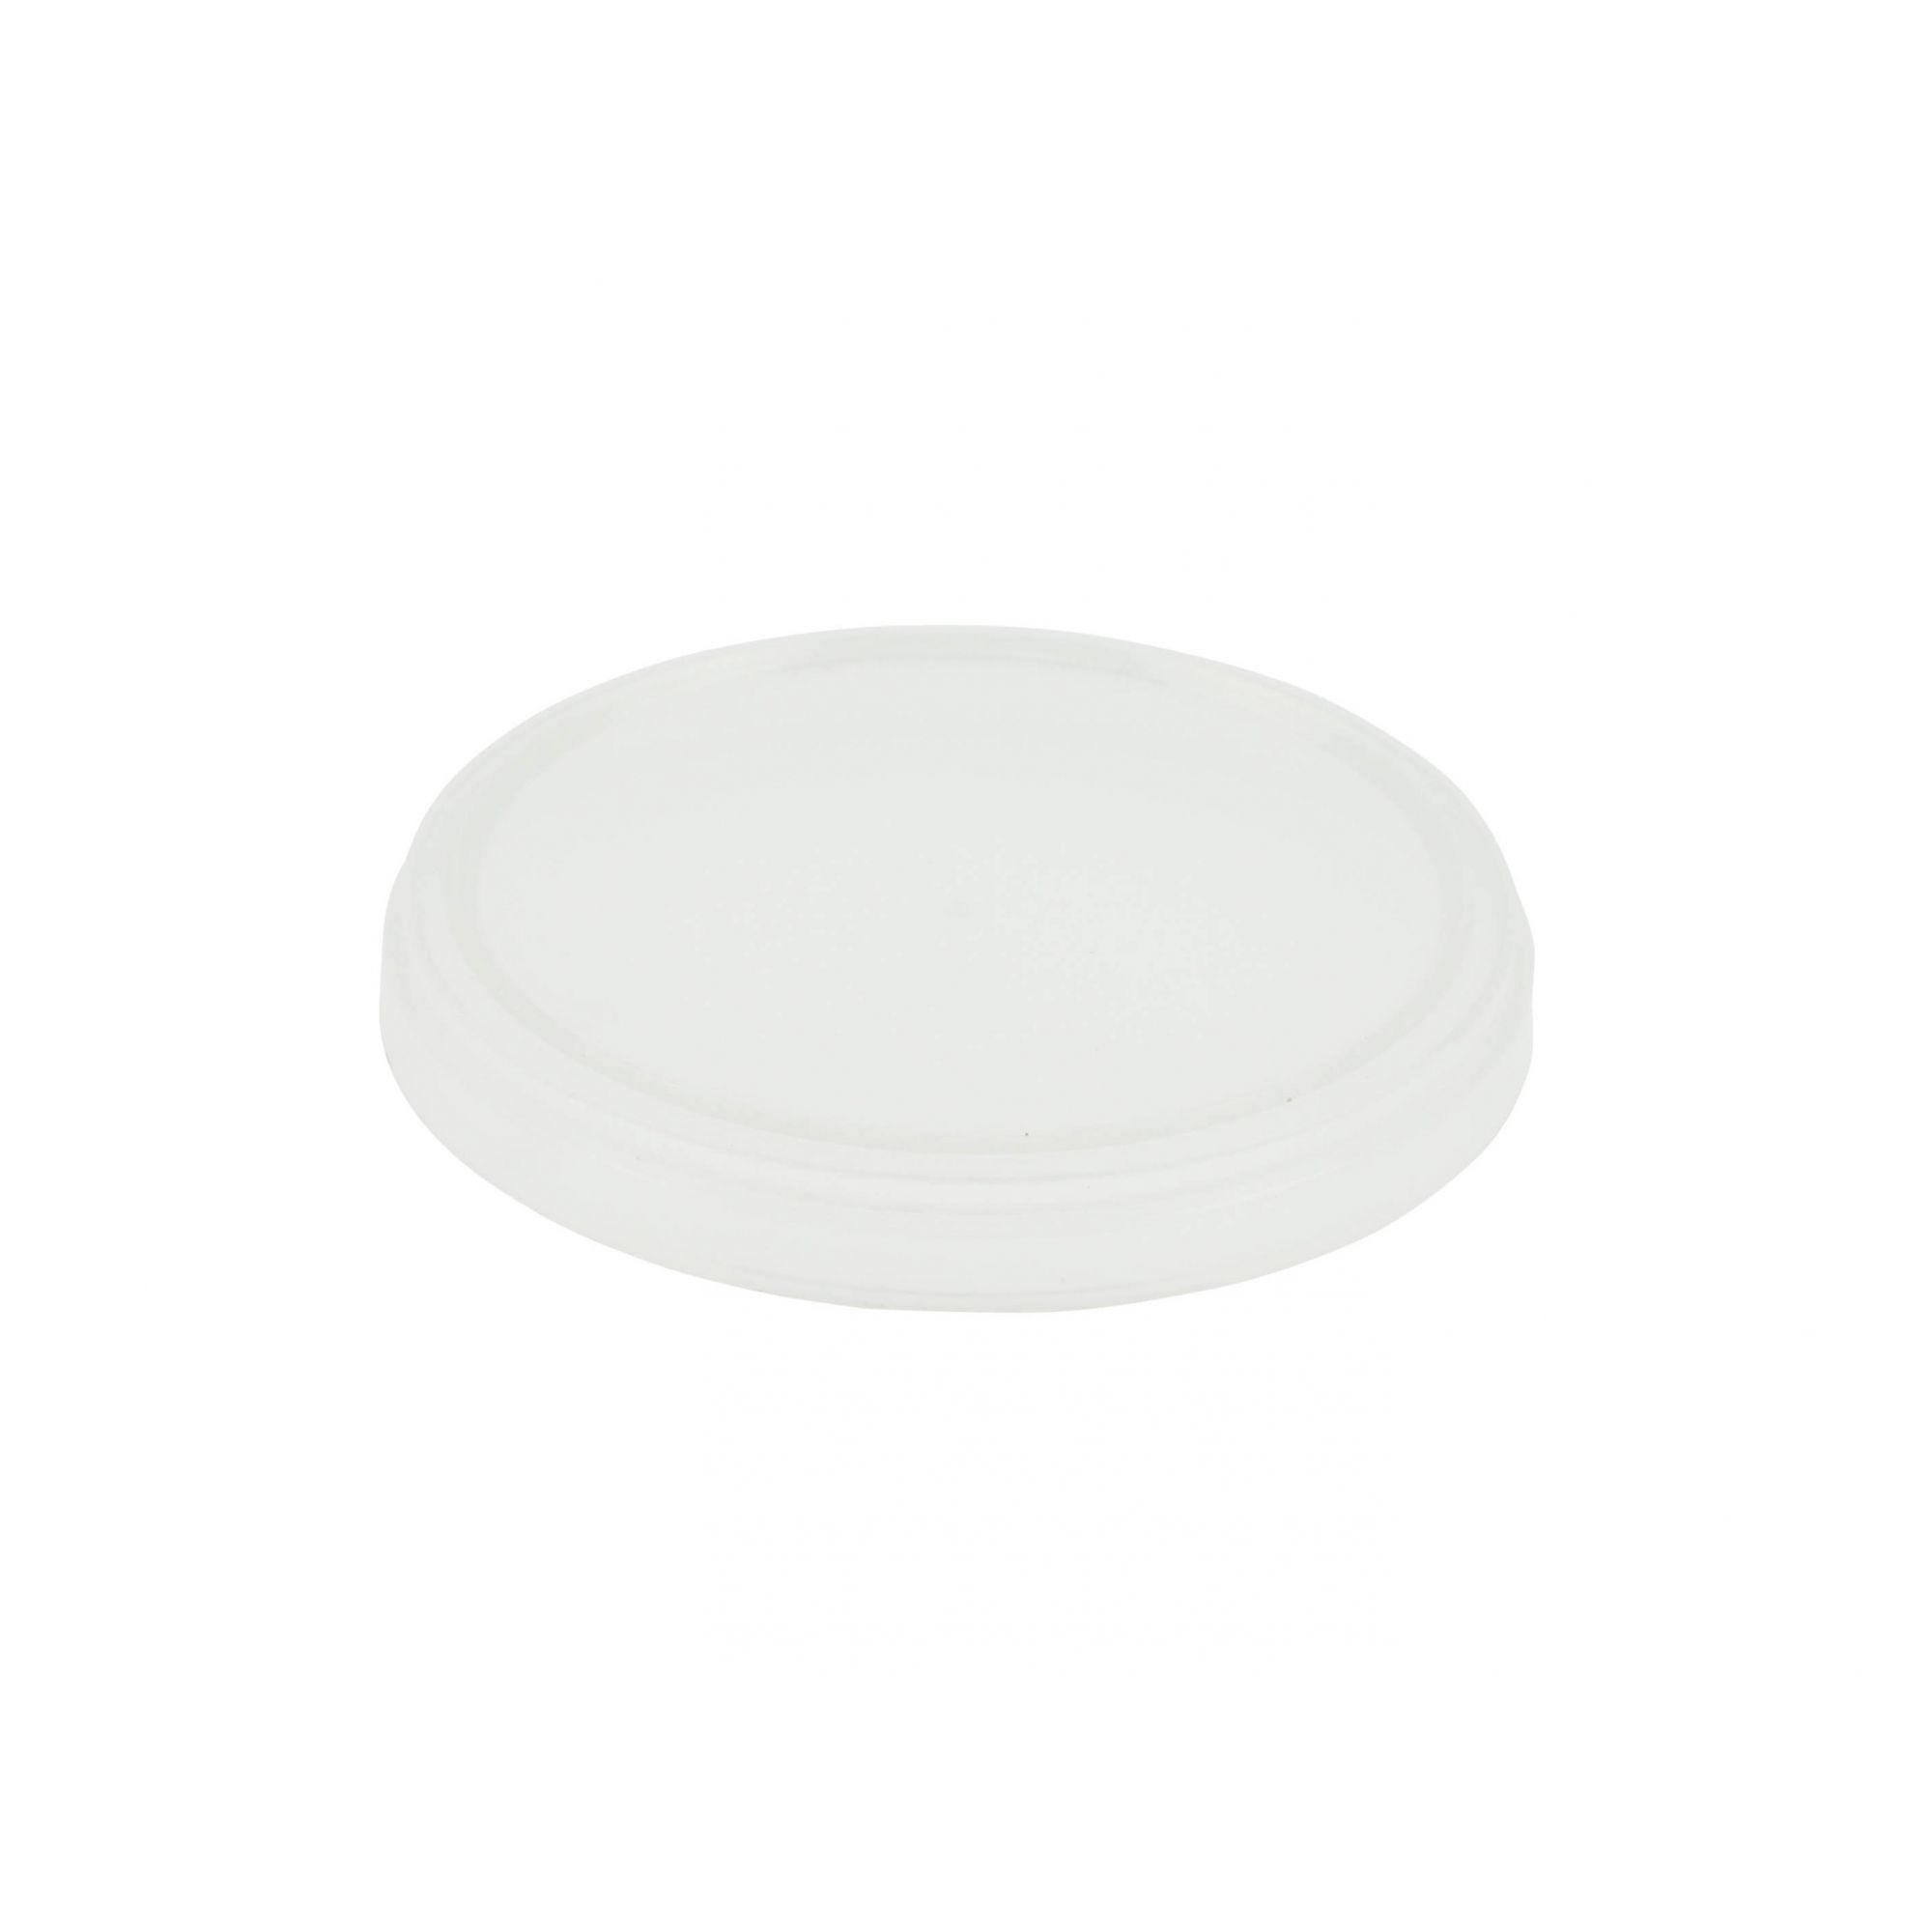 Potes De Vidro Mini Belém 150ml - Caixa com 48